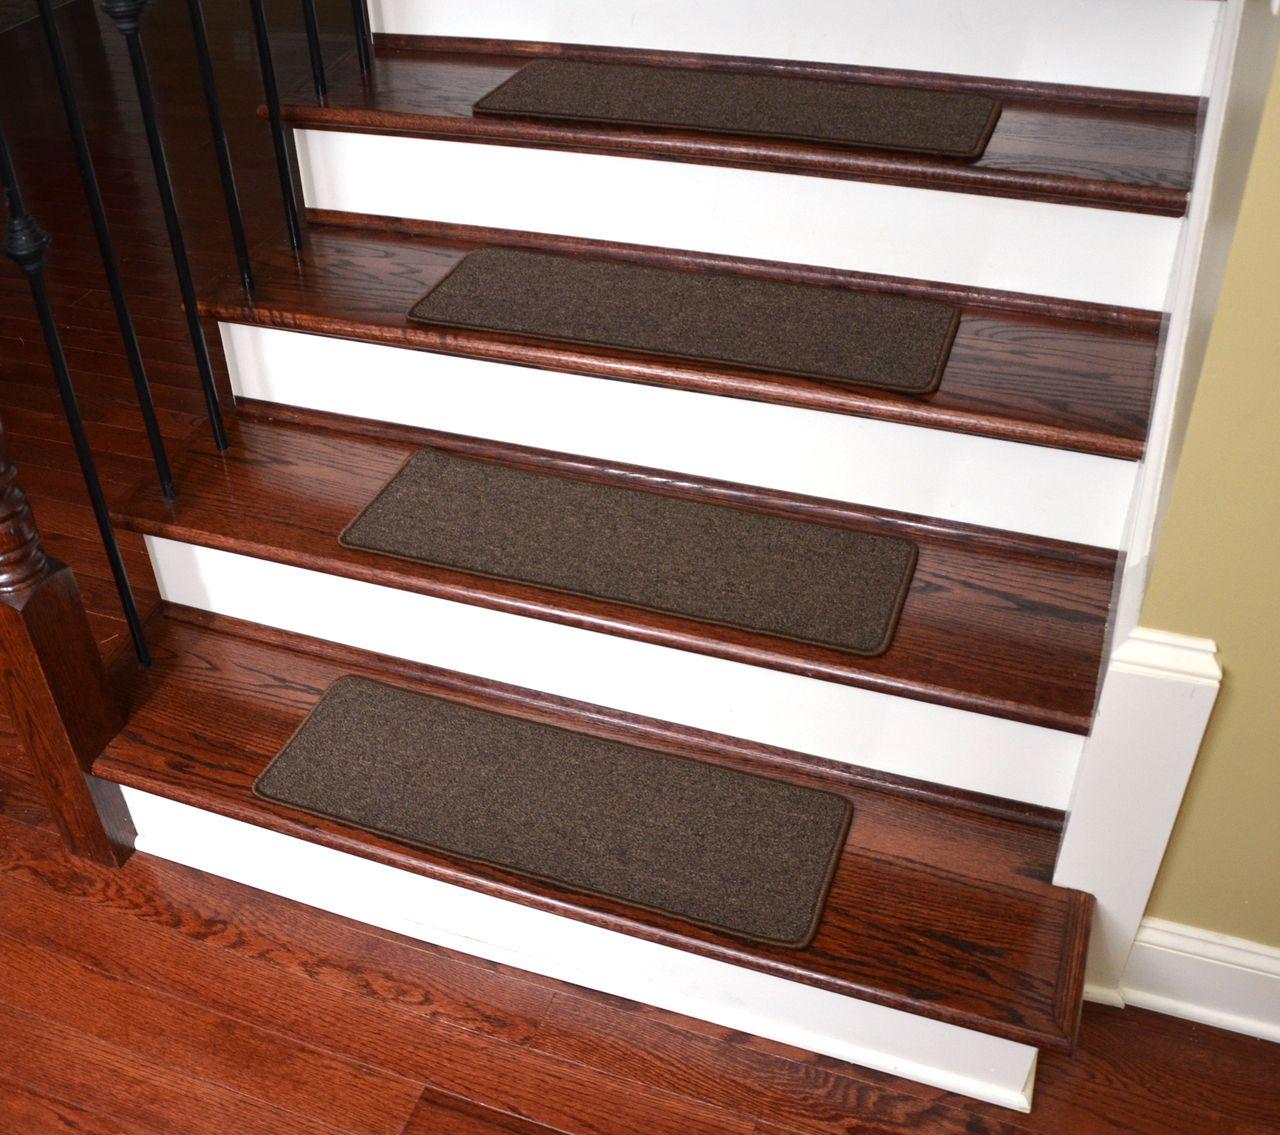 Best Dean Washable Non Slip Carpet Stair Treads Urban Legend 400 x 300